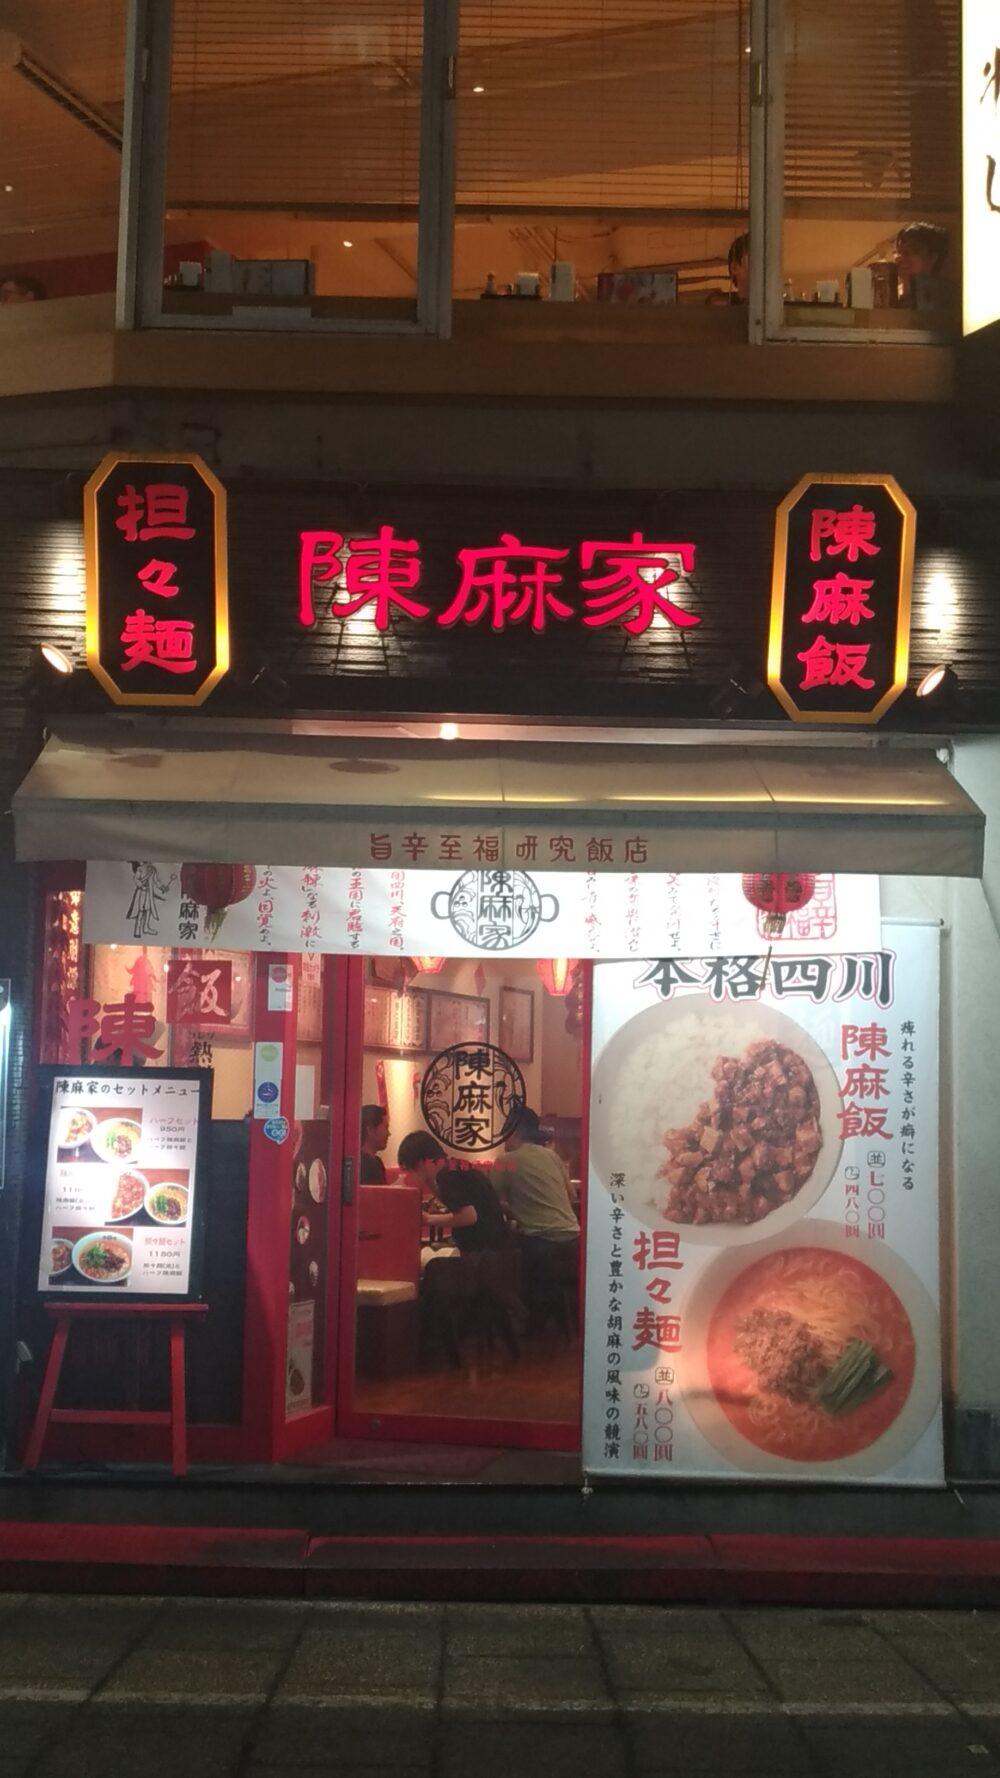 しびれる陳麻飯とゴマ香る担々麺。陳麻家(チンマーヤ)さん。